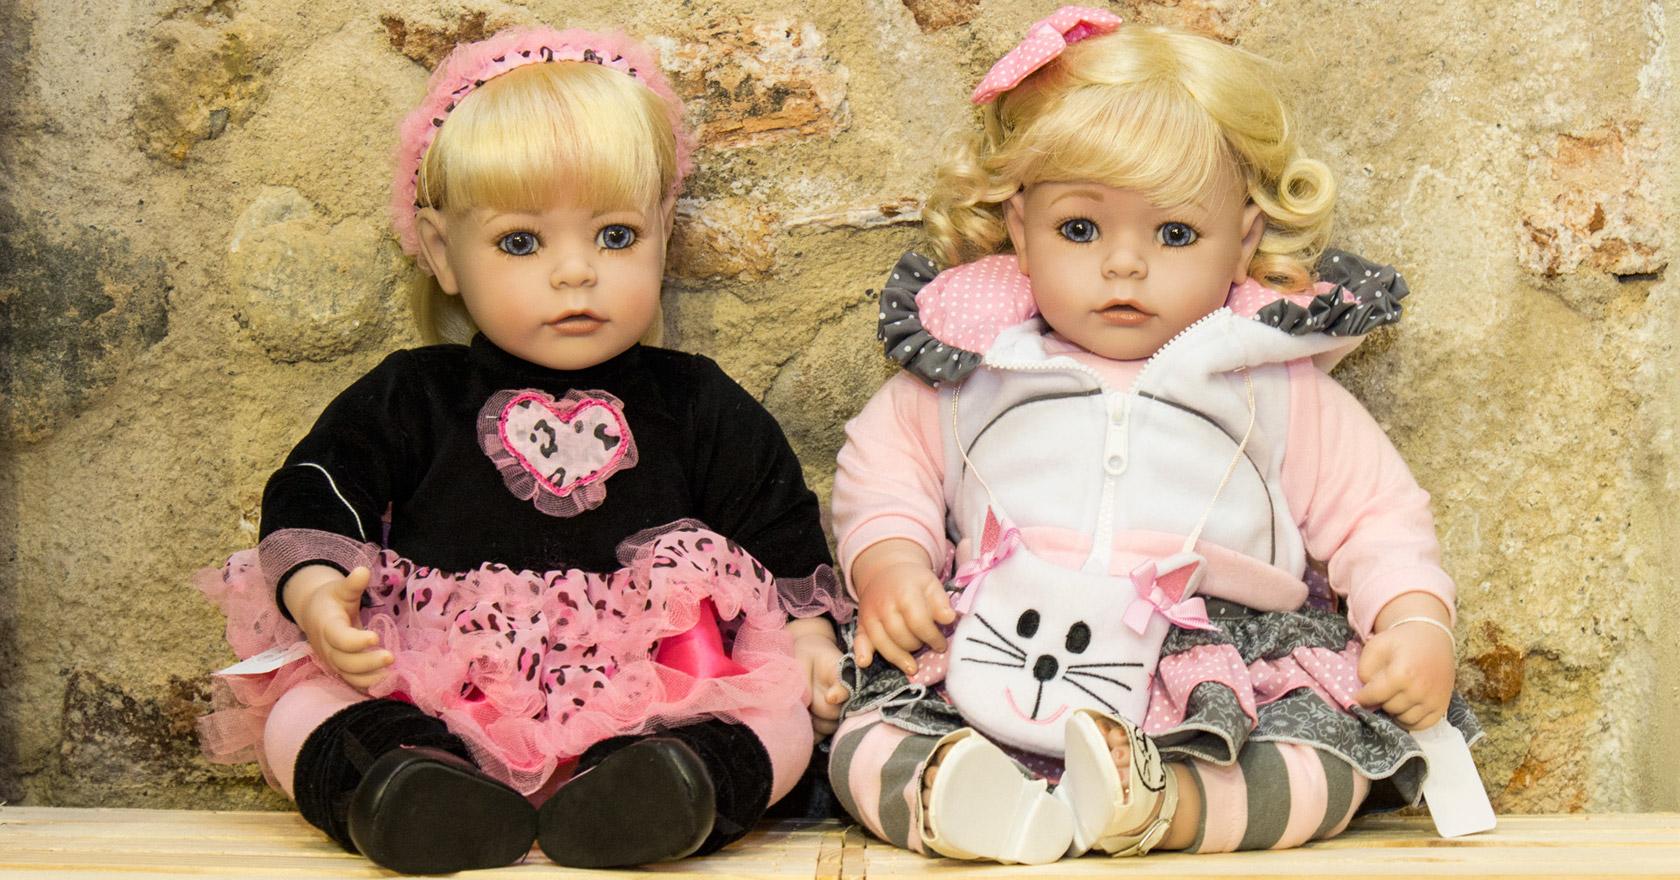 bambole-giochi-bambini-parallax-w1680-h880